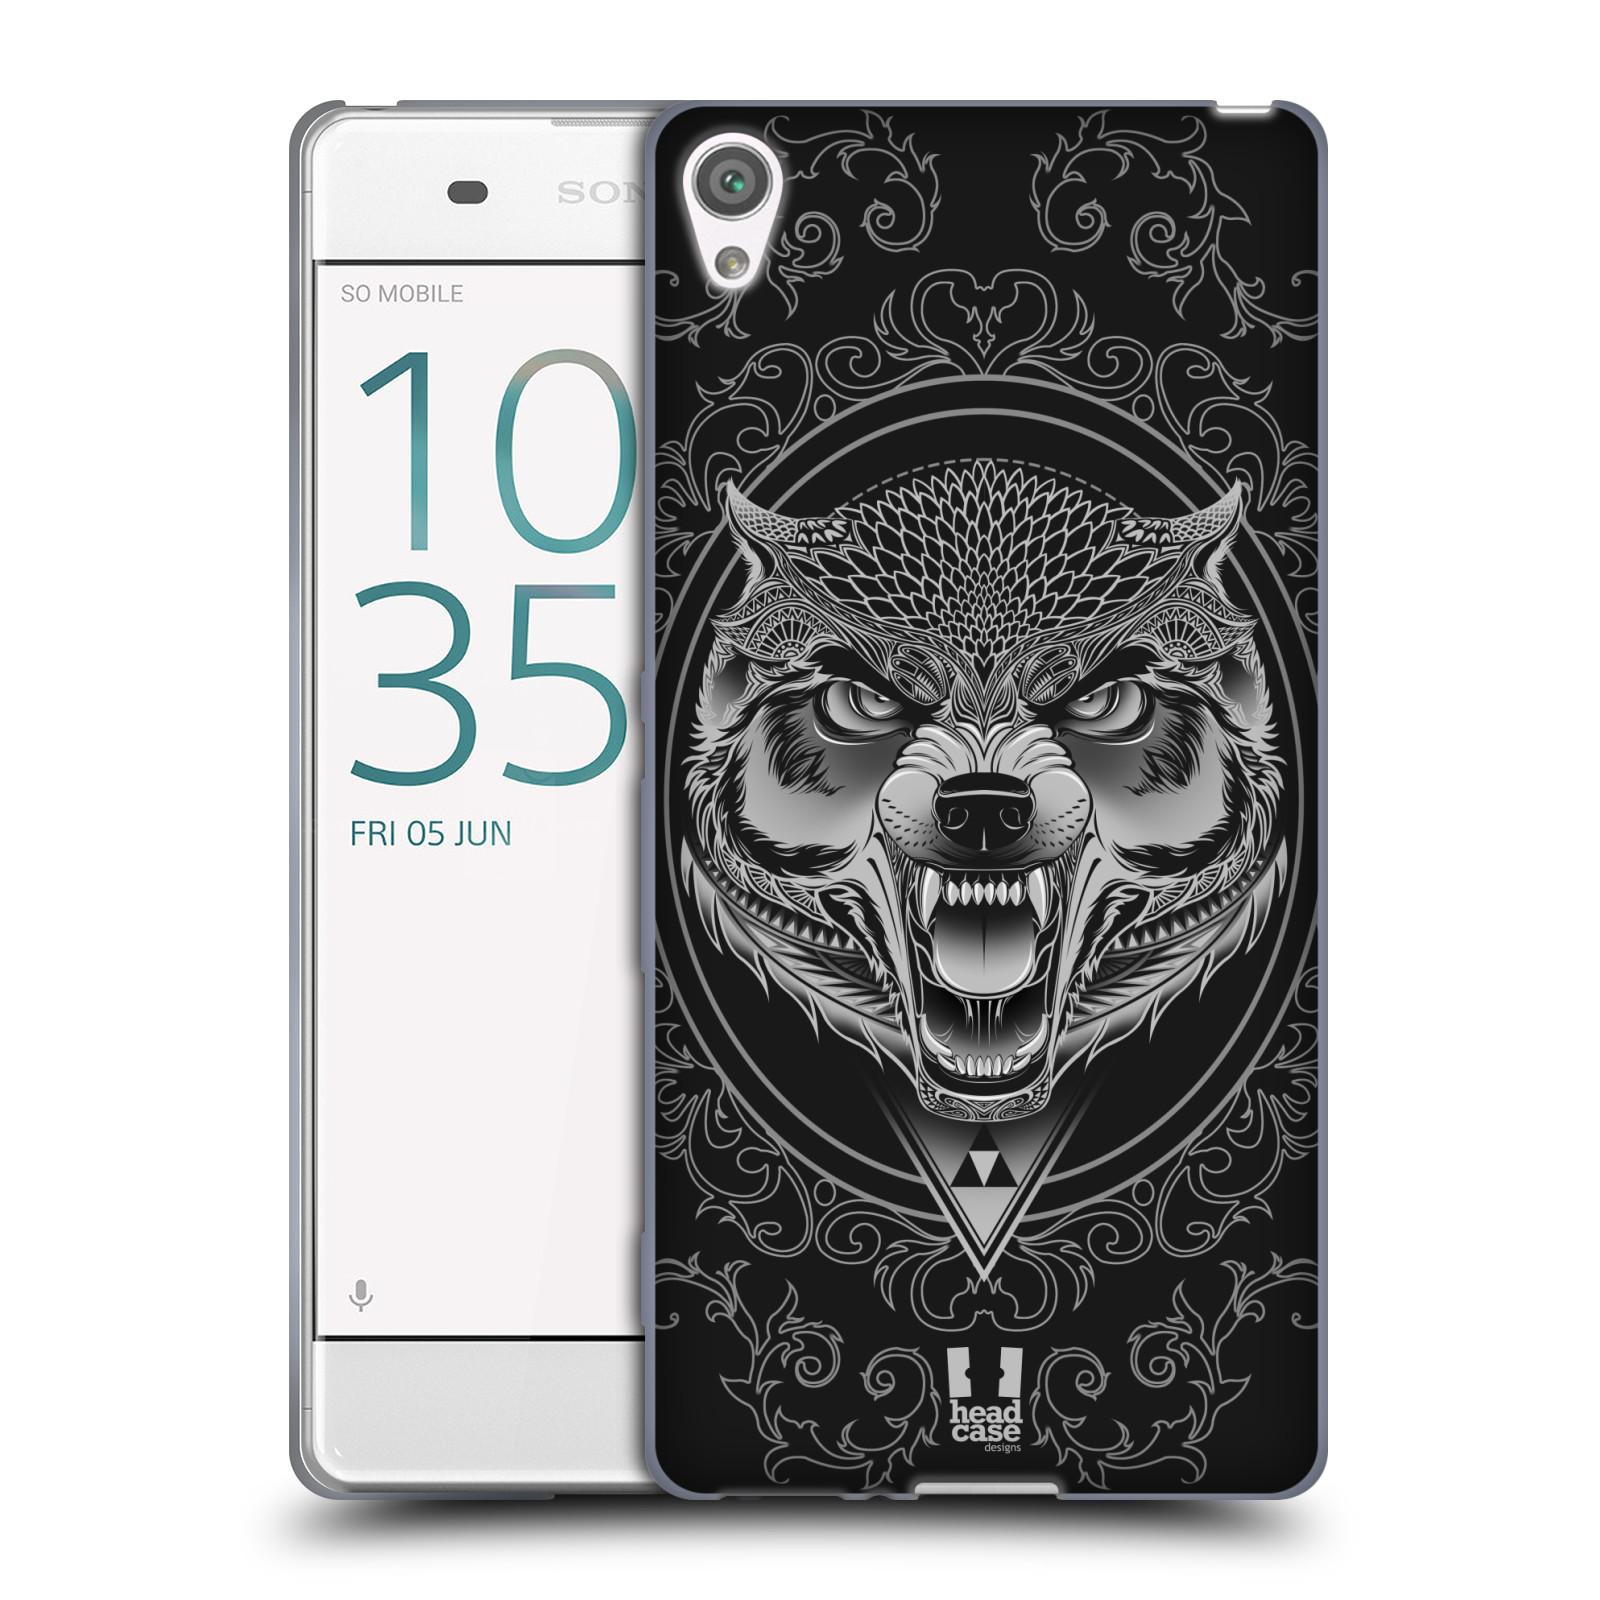 Silikonové pouzdro na mobil Sony Xperia XA - Head Case - Krutý vlk